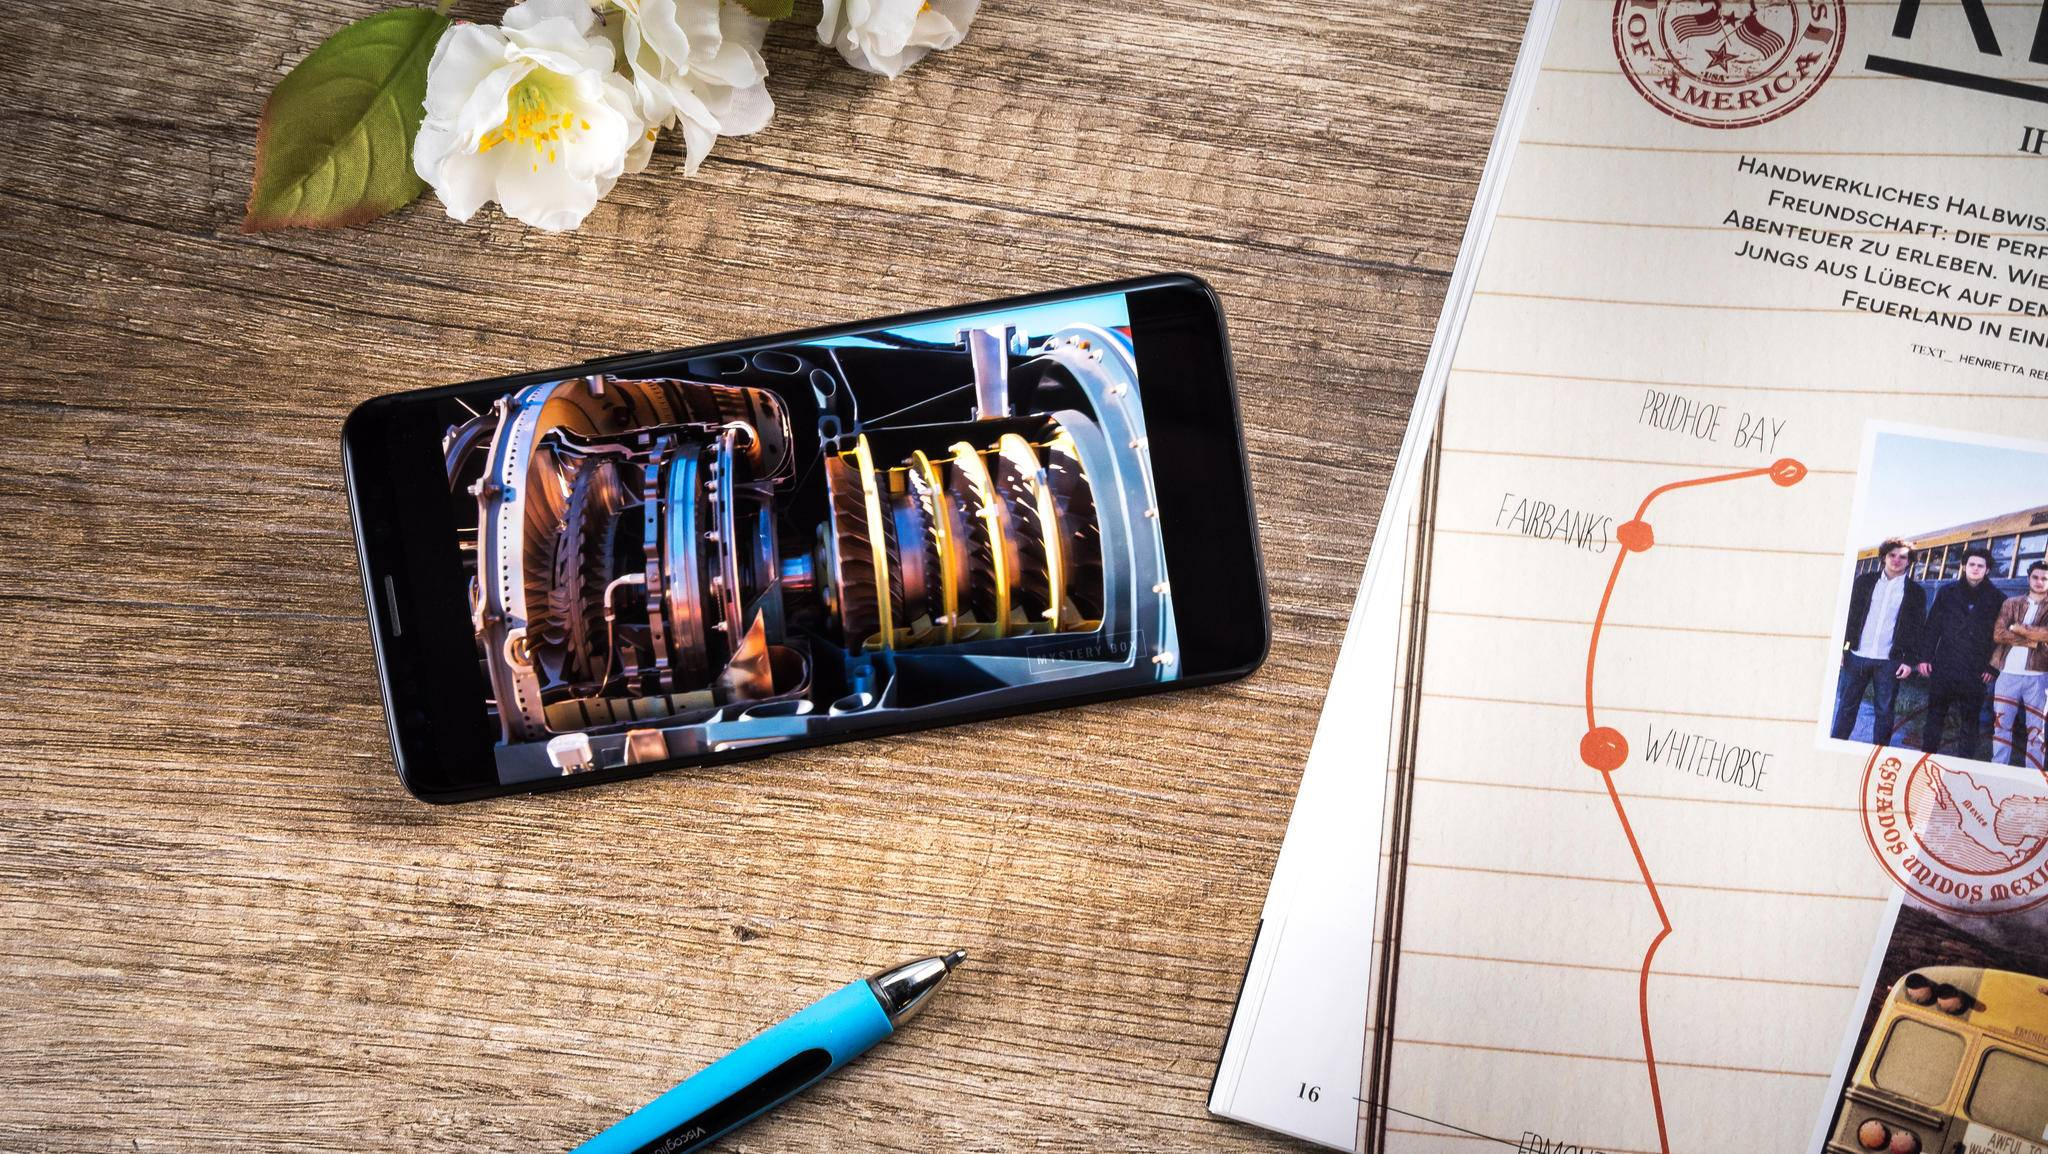 Das Galaxy S9 hat ein schnelleres LTE-Modem als die Konkurrenz.